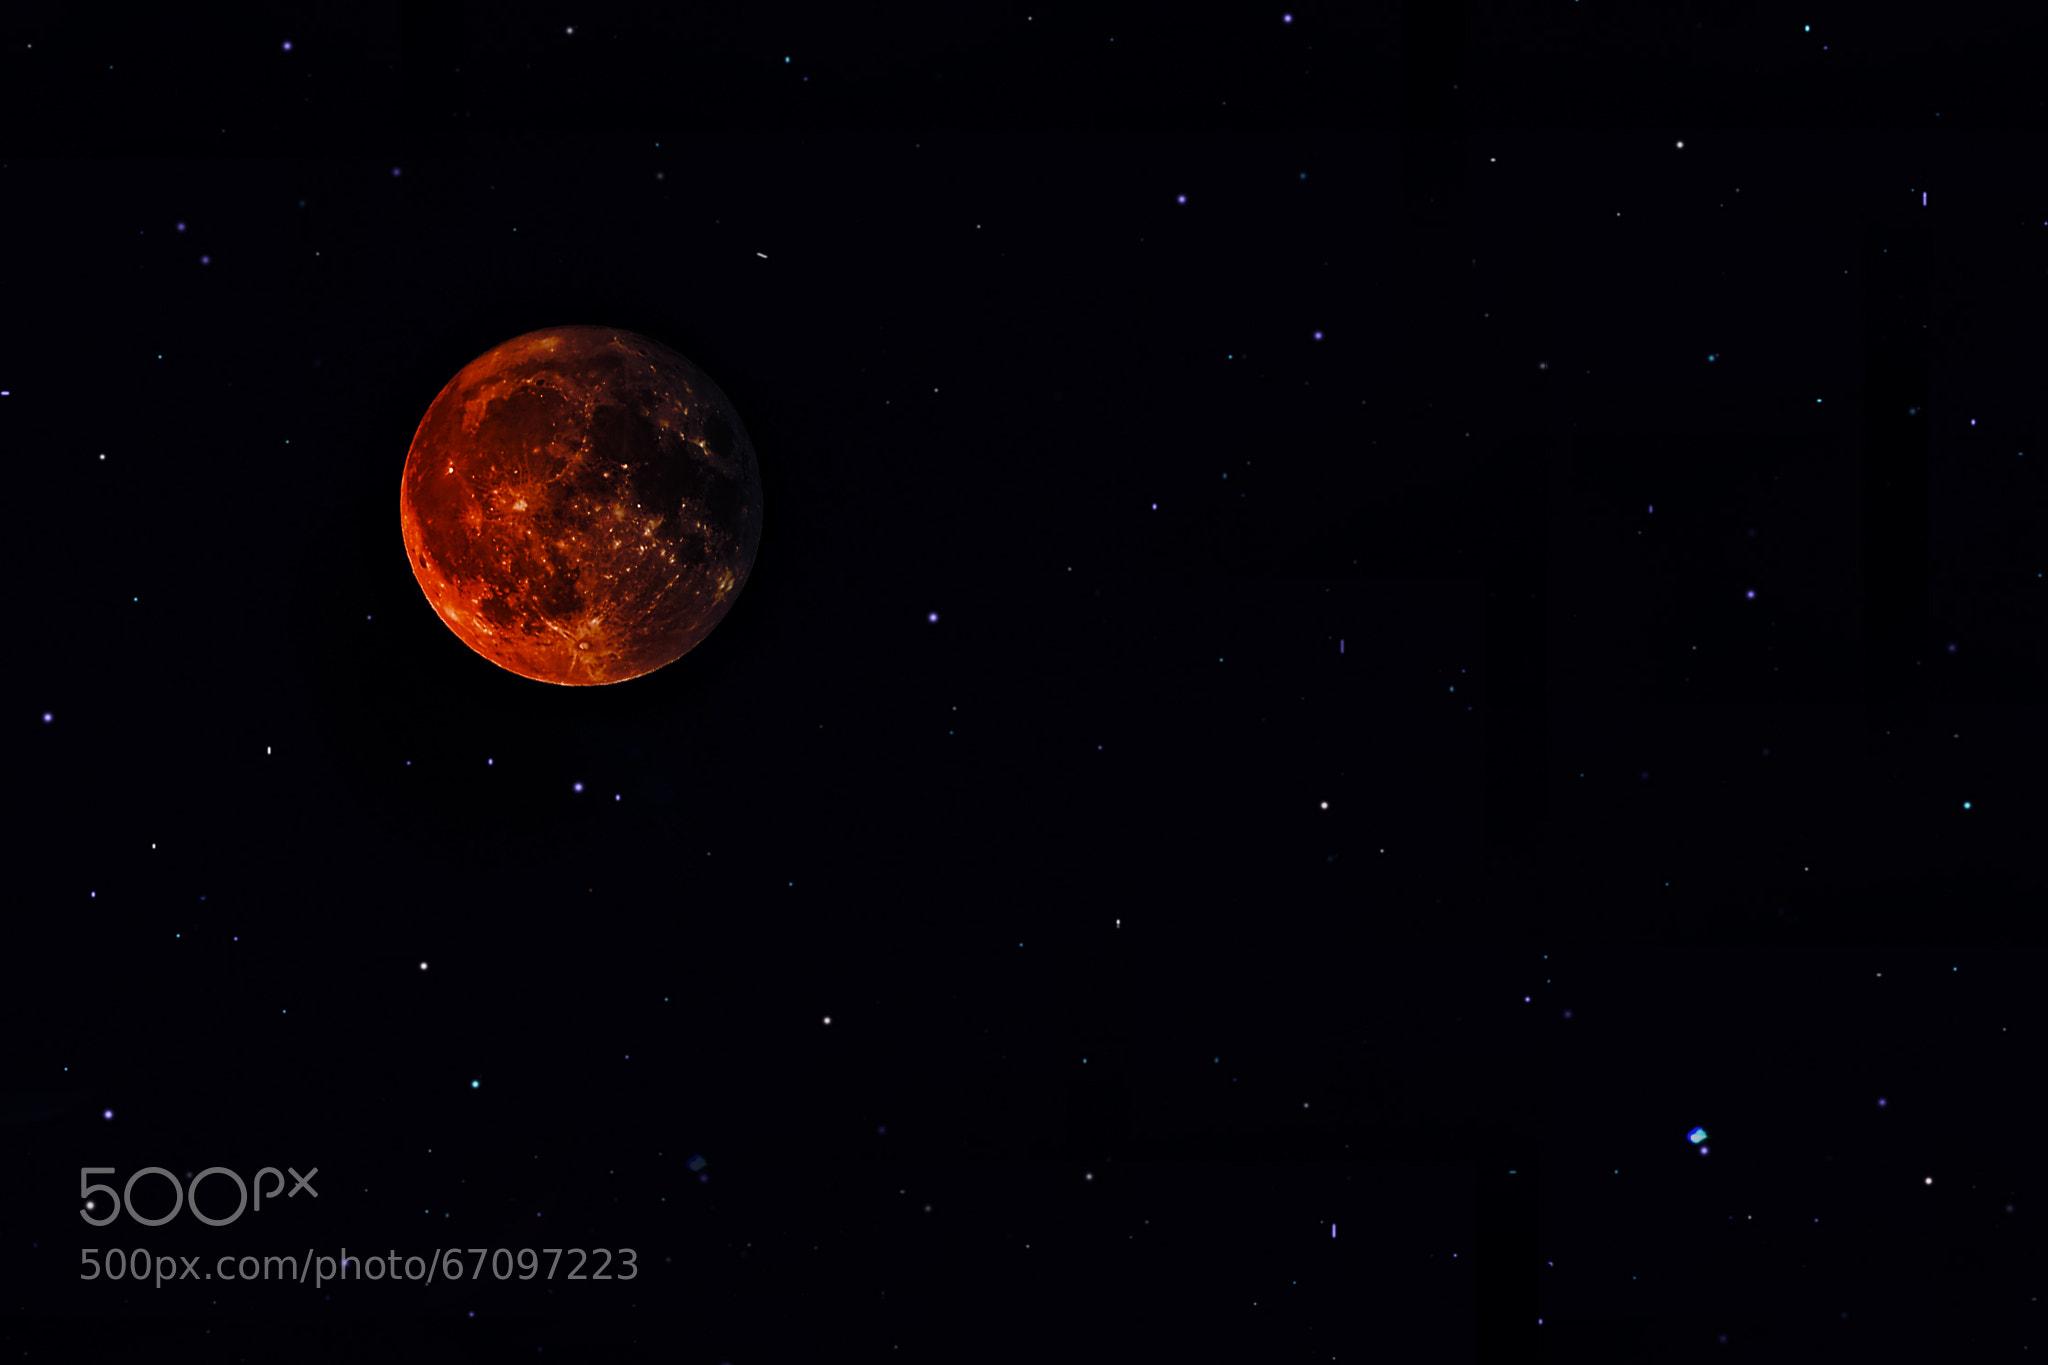 blood moon tonight minneapolis - photo #23